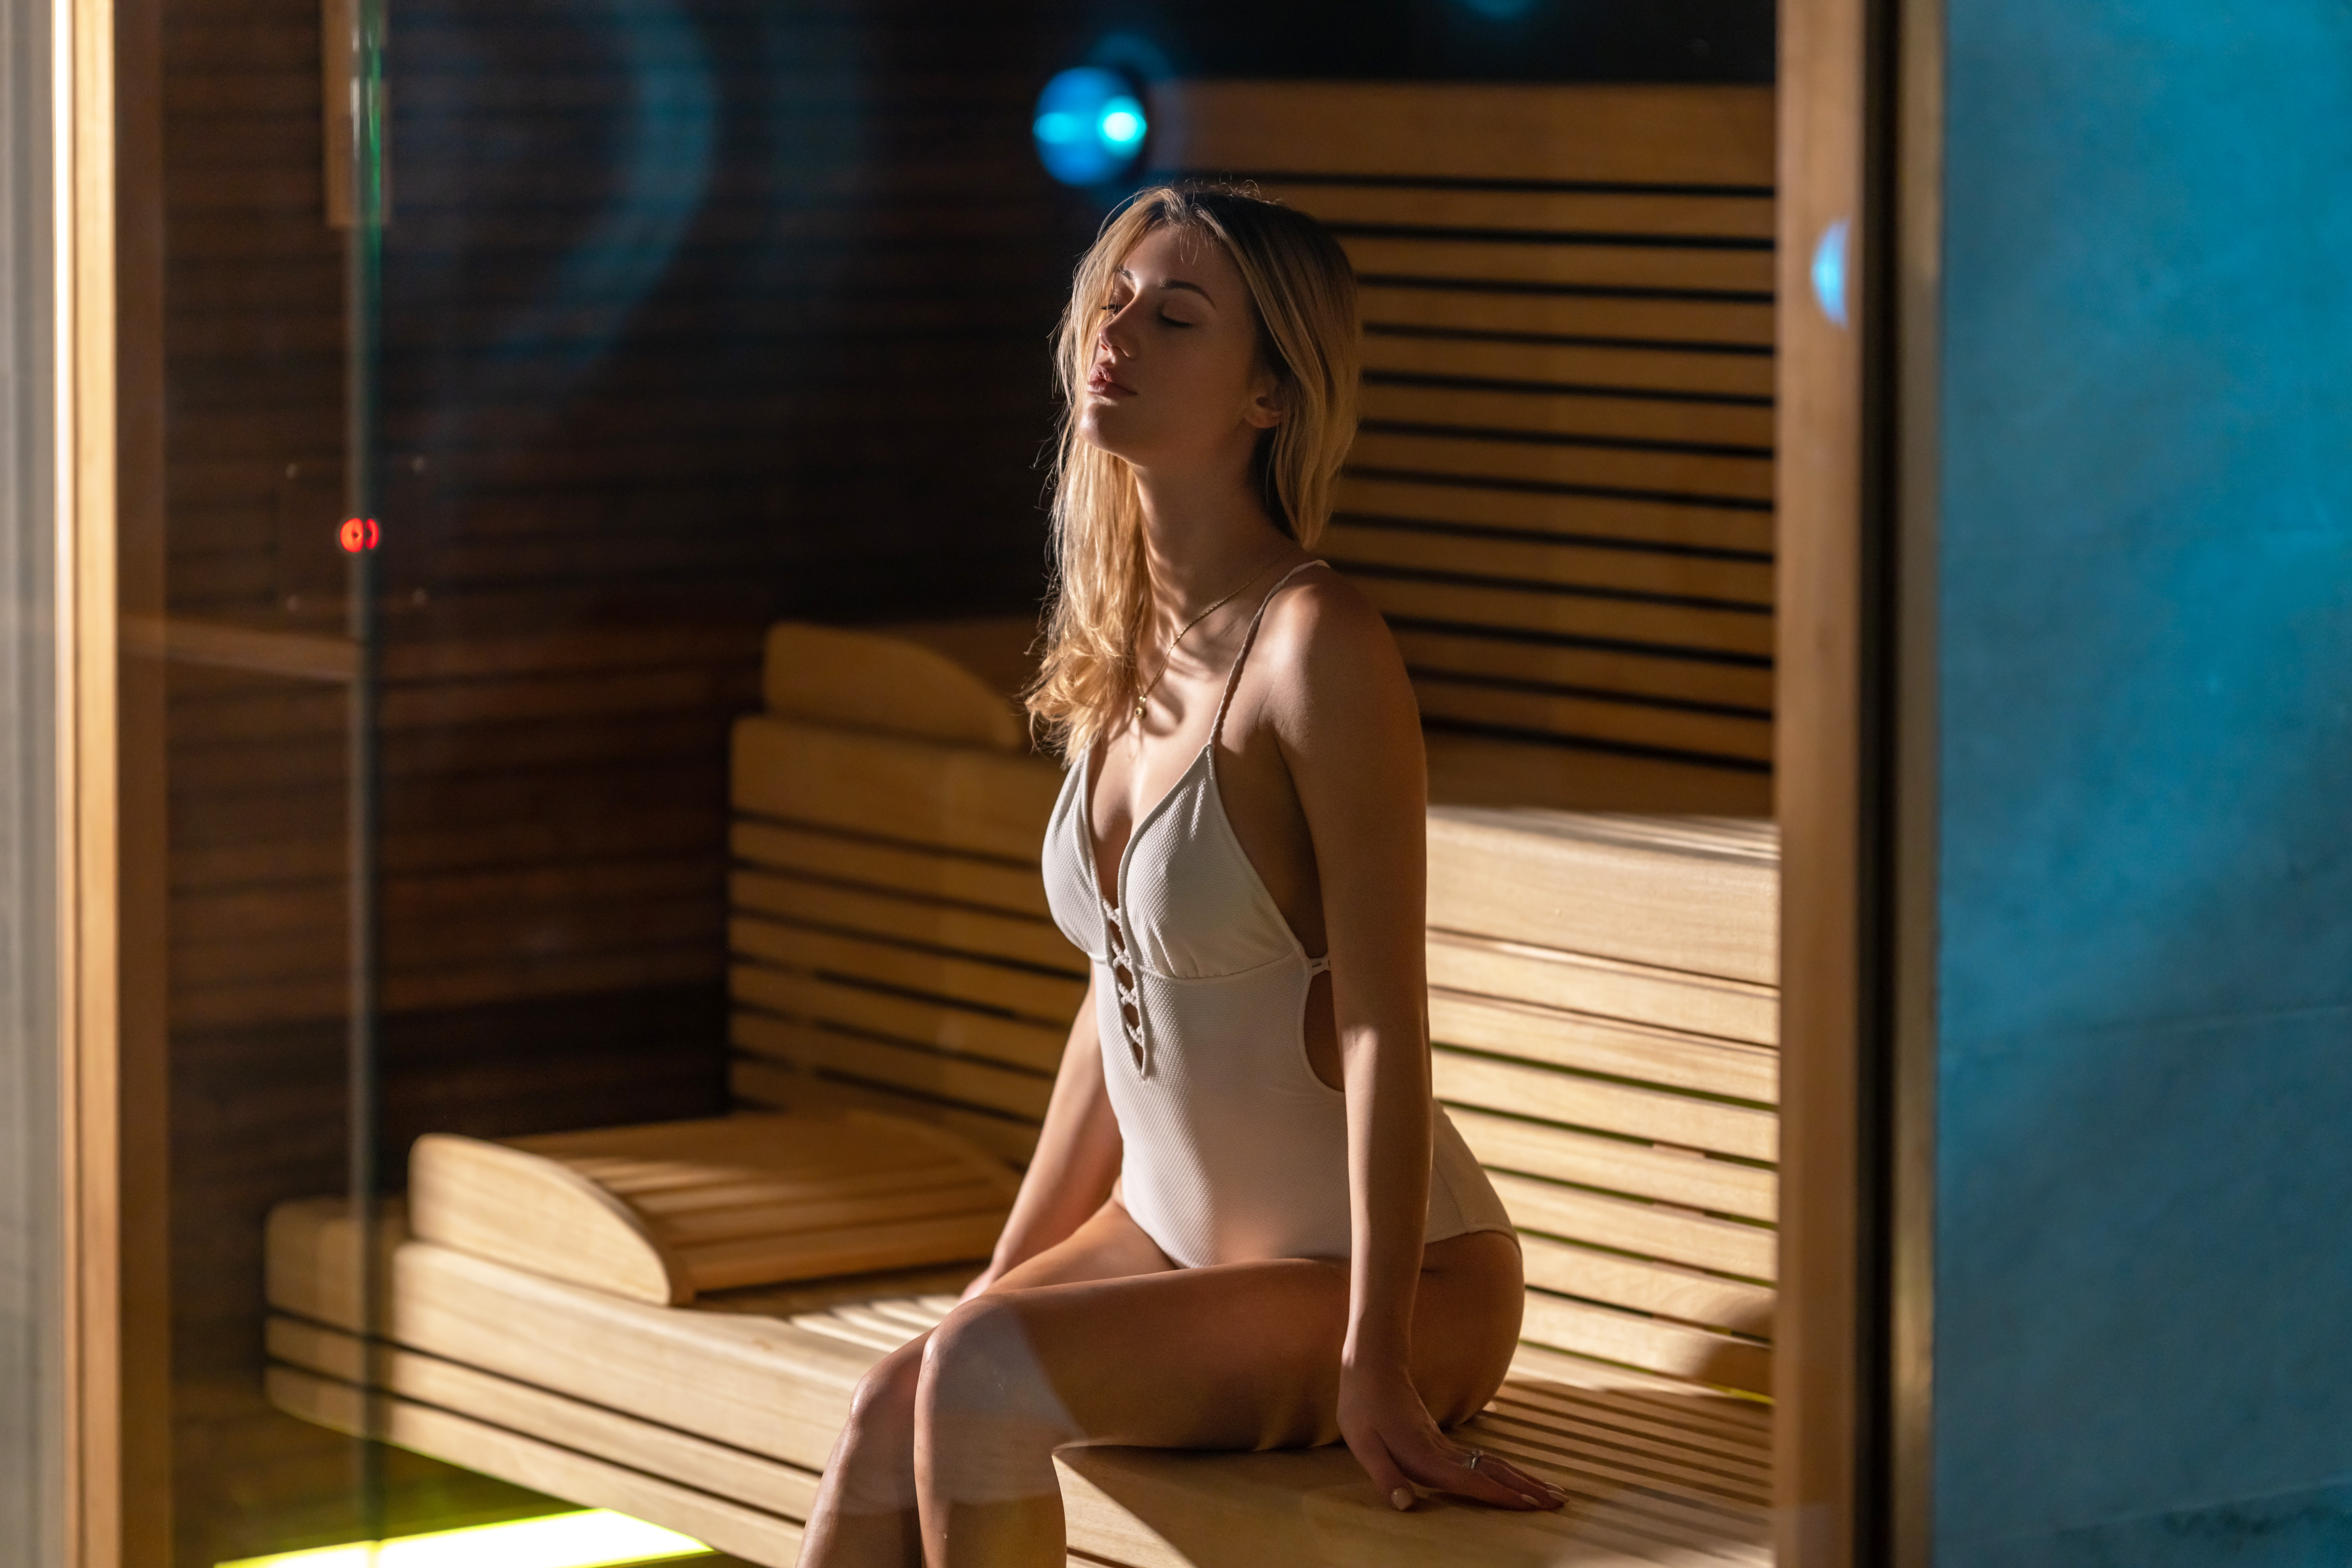 Mujer relajada en la sauna, algo clave en la felicidad de Finlandia, el país más feliz del mundo